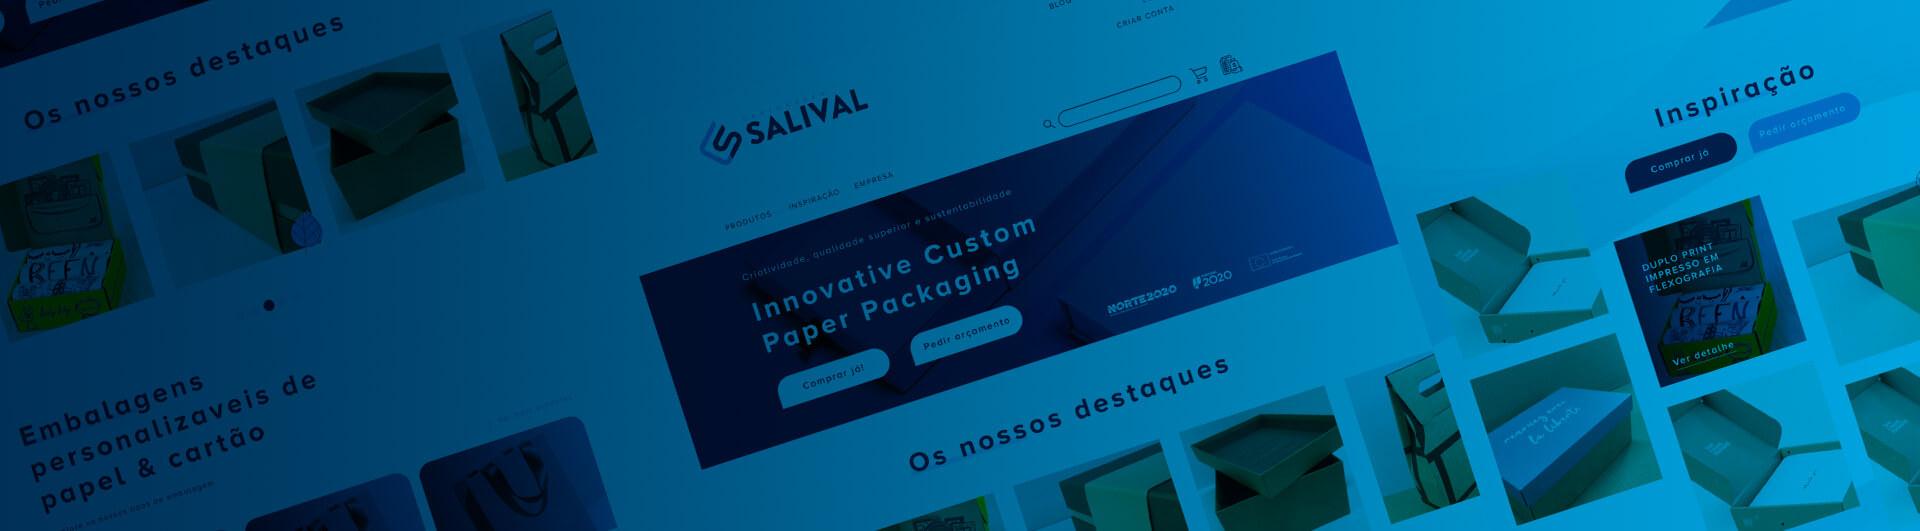 Bem-vindo ao novo website